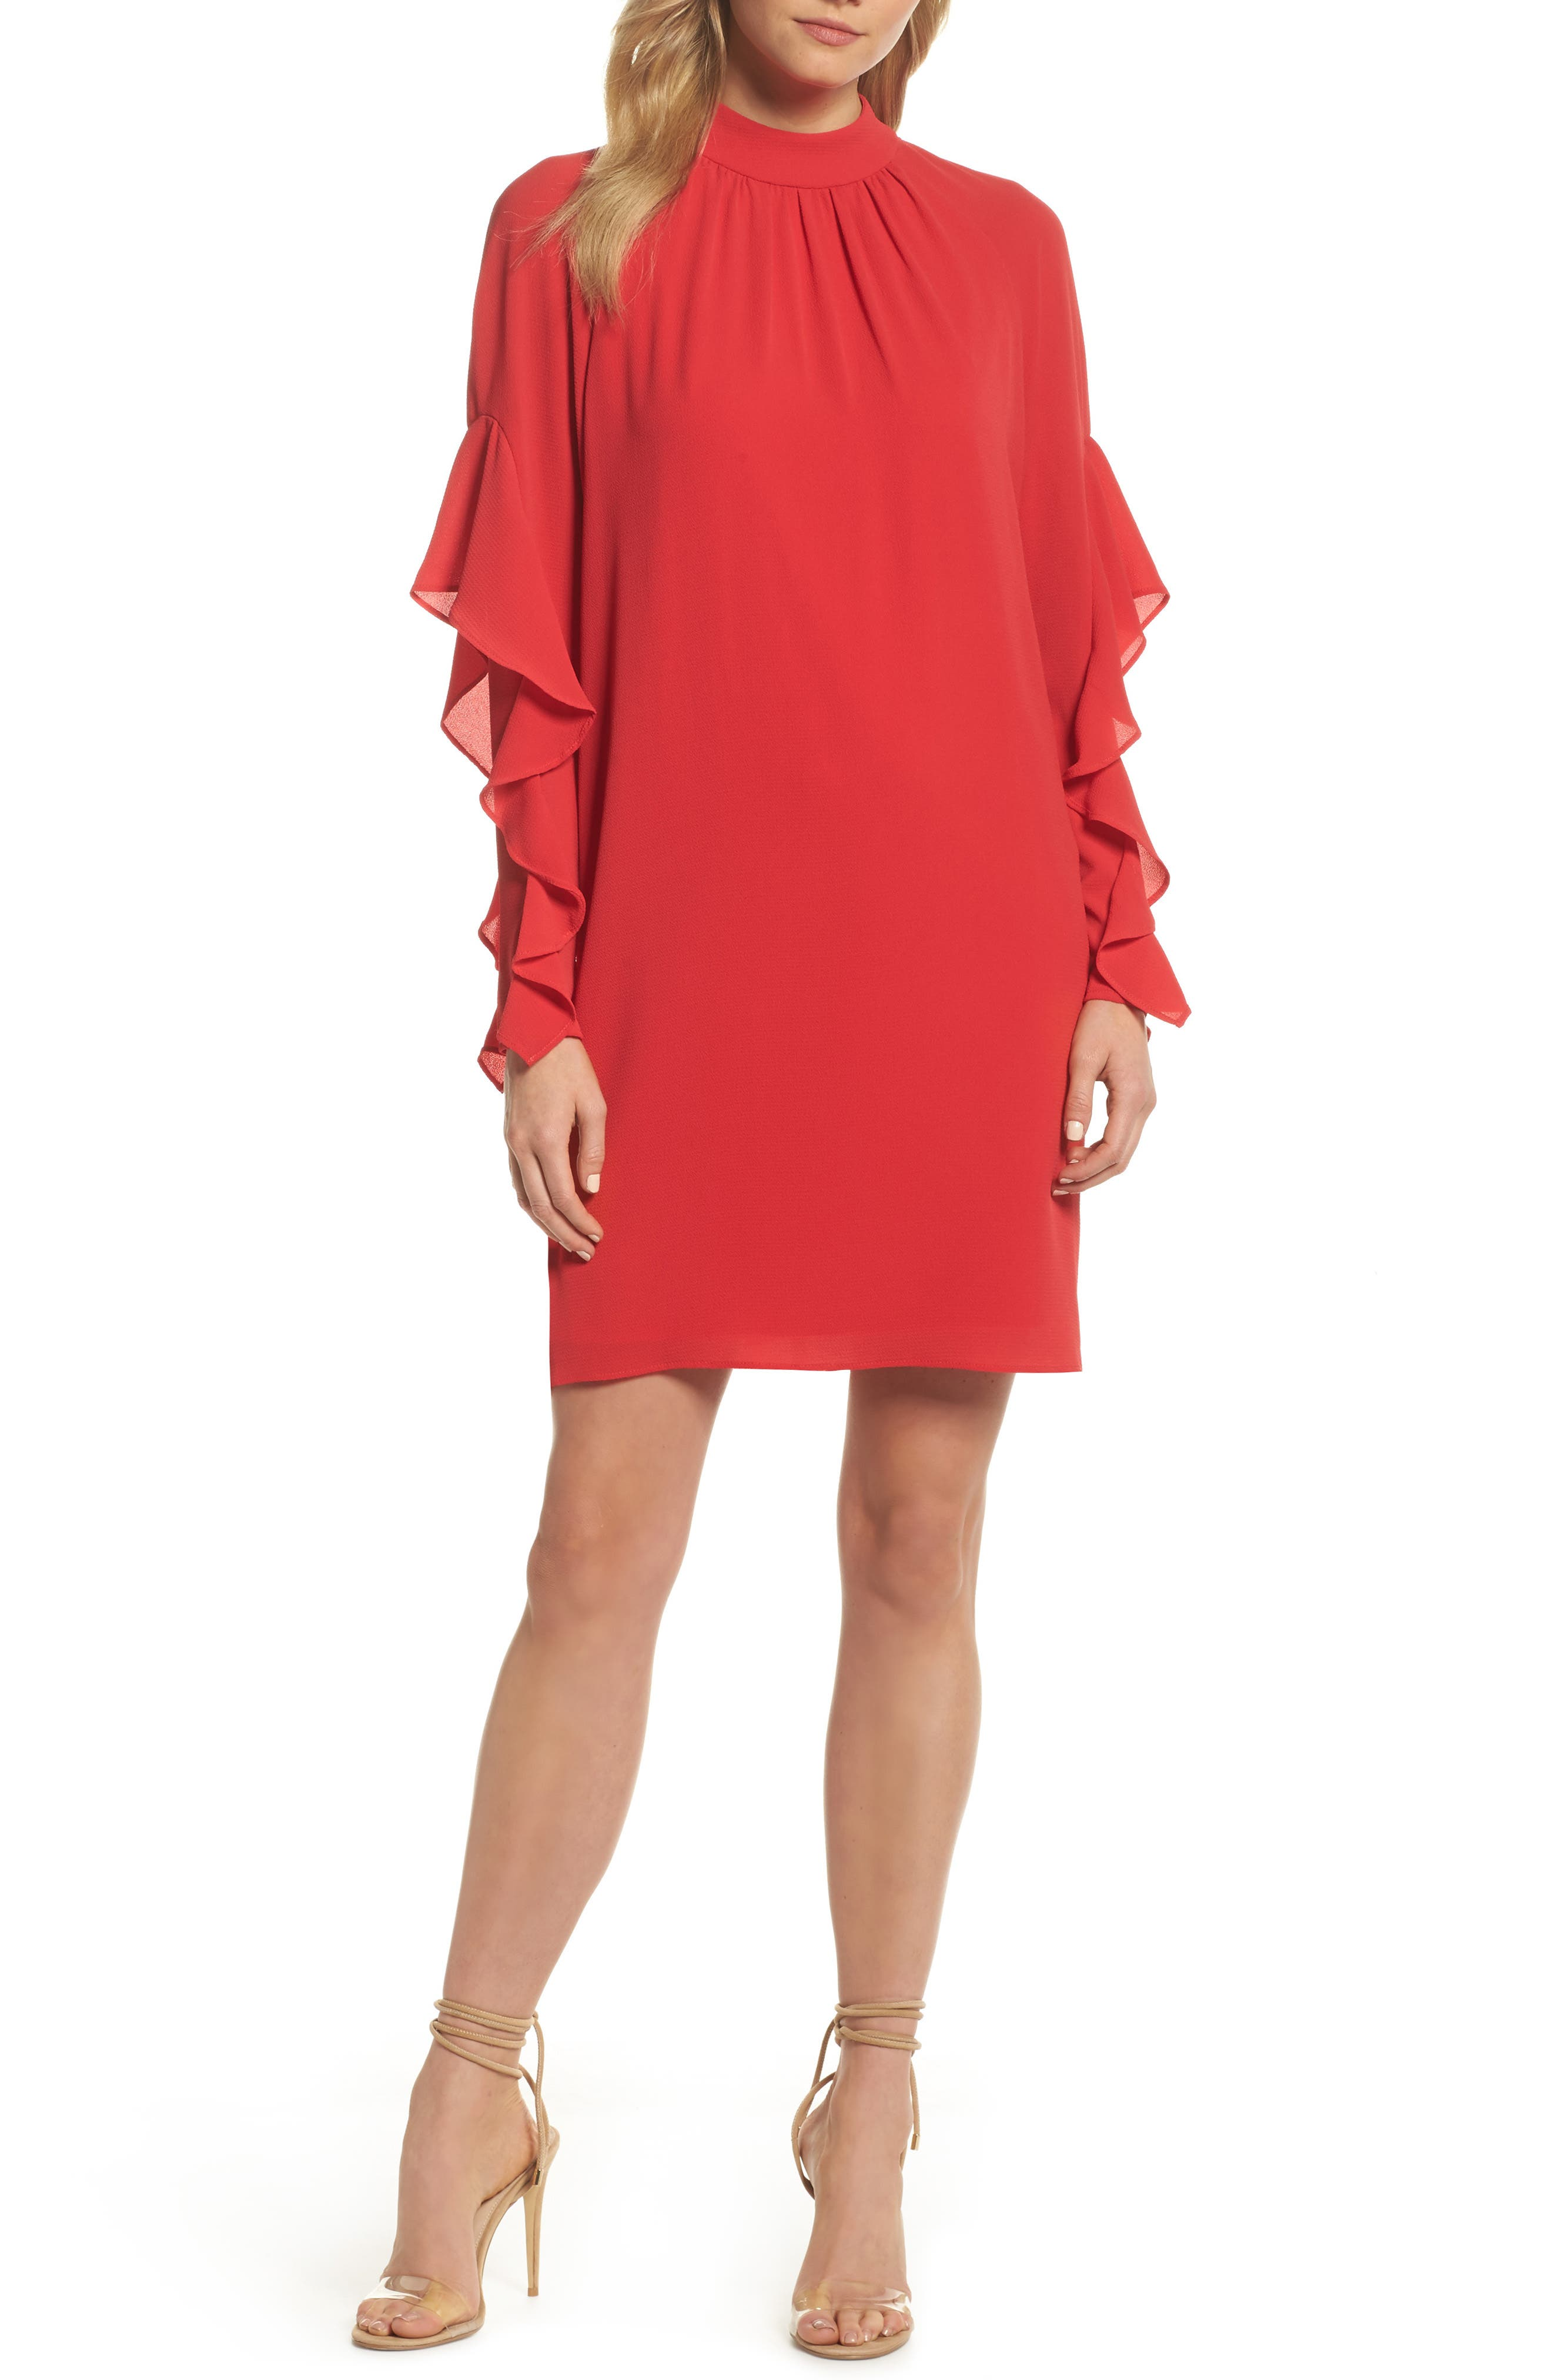 Maggy London Catalina Ruffle Sleeve Dress